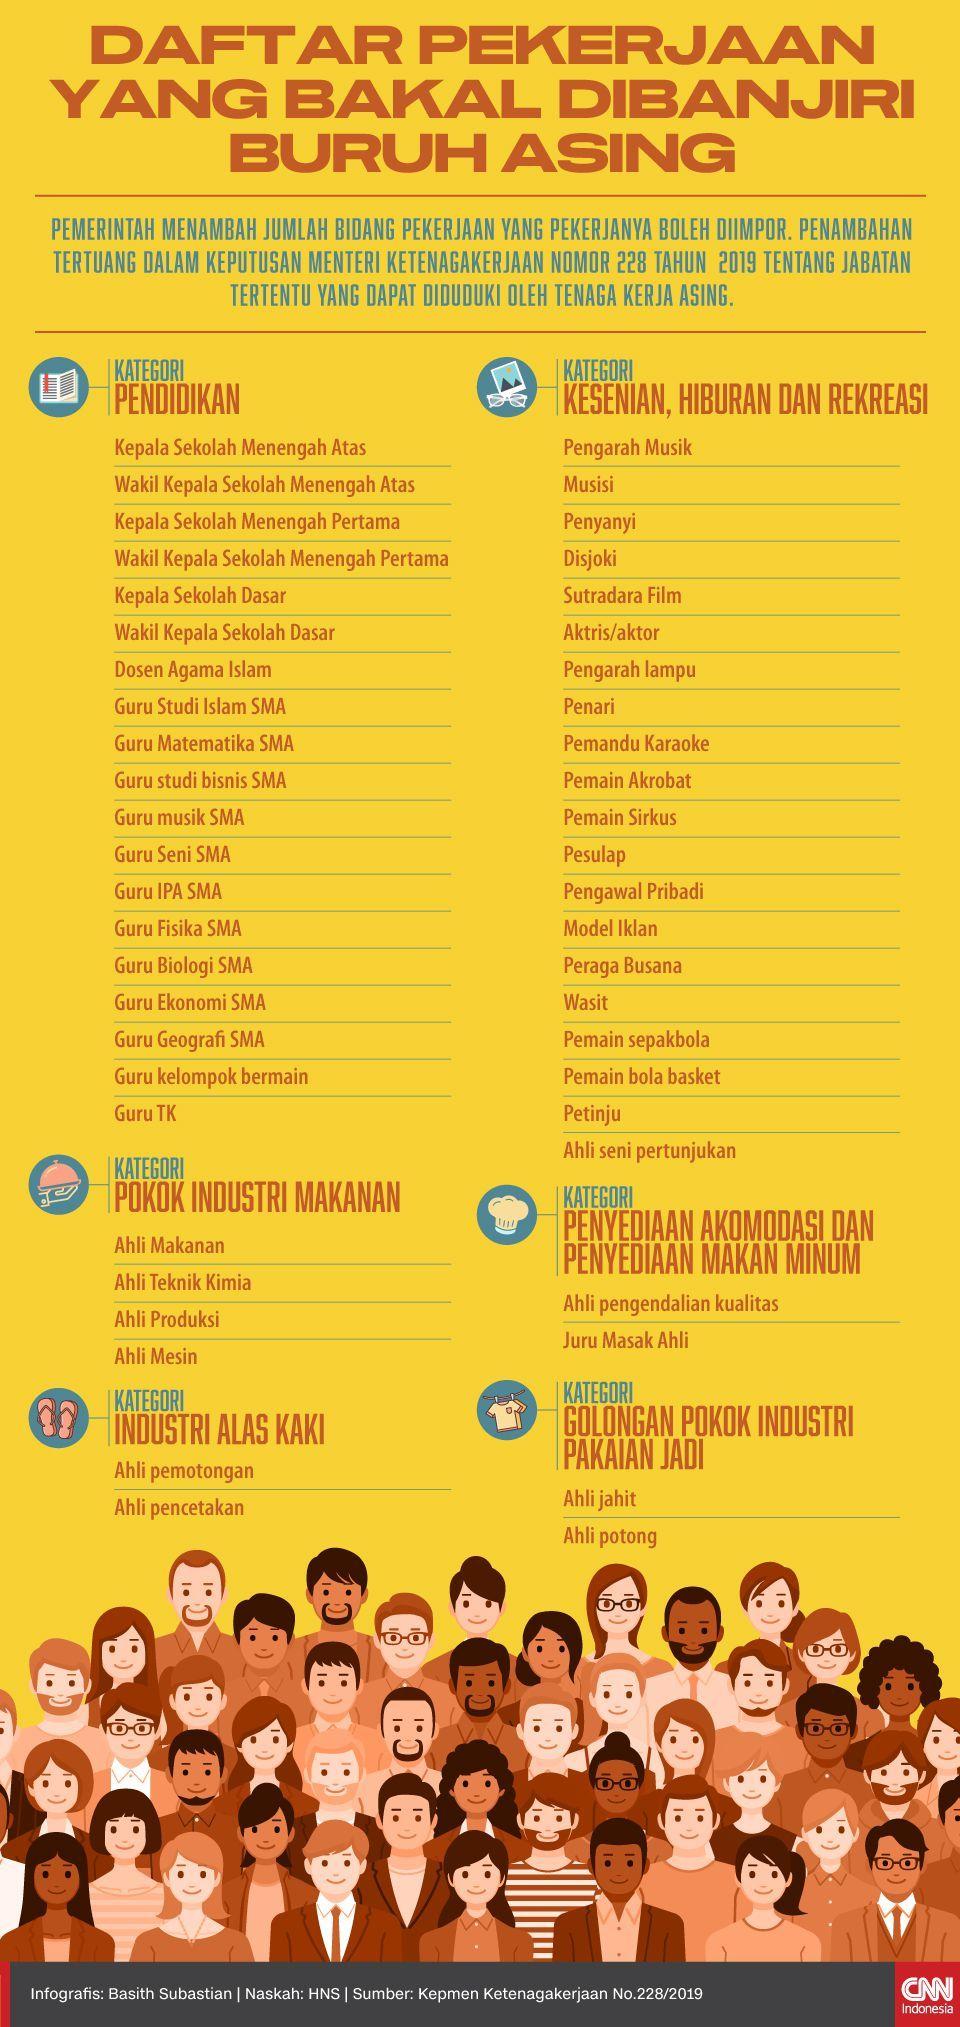 Infografis Daftar Pekerjaan yang Akan Dibanjiri Buruh Asing di Era Jokowi Jilid II